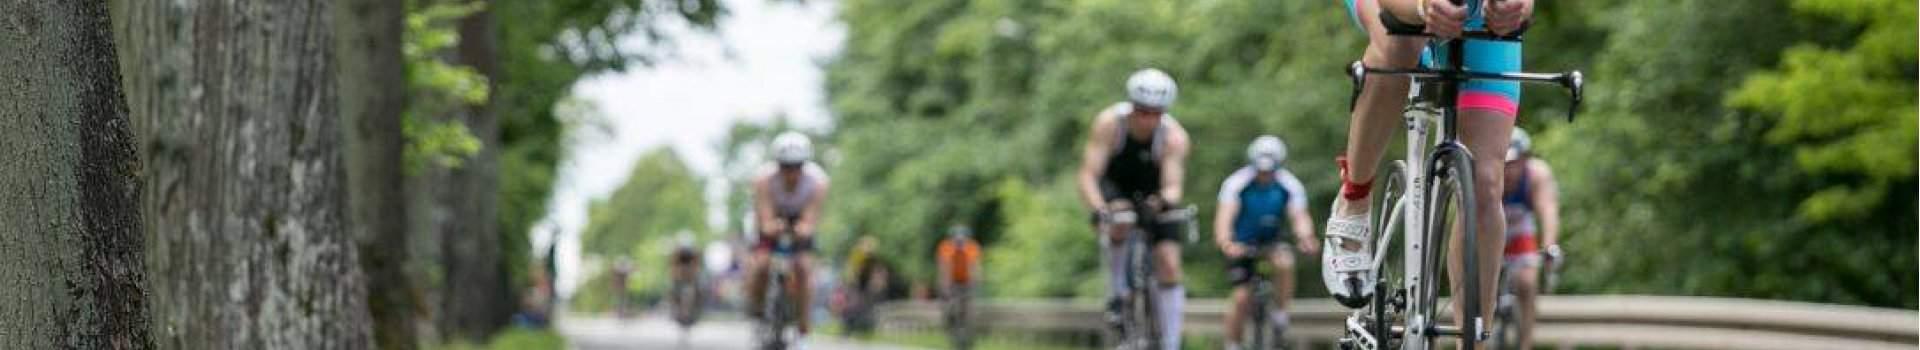 Kibicujemy naszej triathlonowej zawodniczce  Ani Wiese!